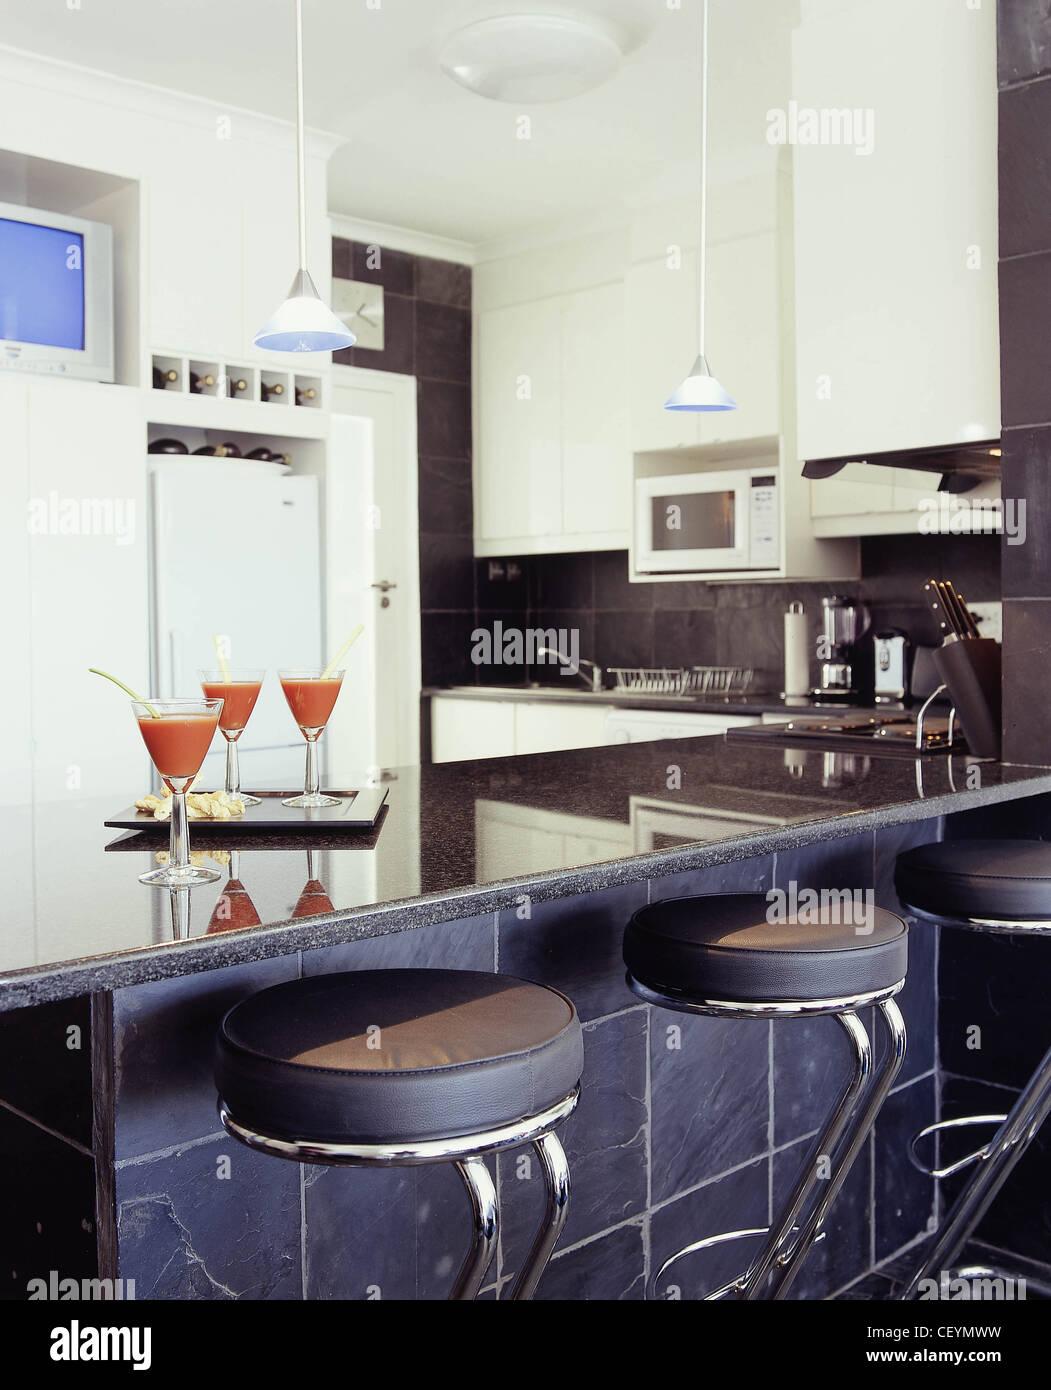 Uberlegen Drei Verschiedene Küche Stile Küche Schwarz Raue Schieferplatten An Wand, Weißen  Schränken Und Weiße Küchenmöbel